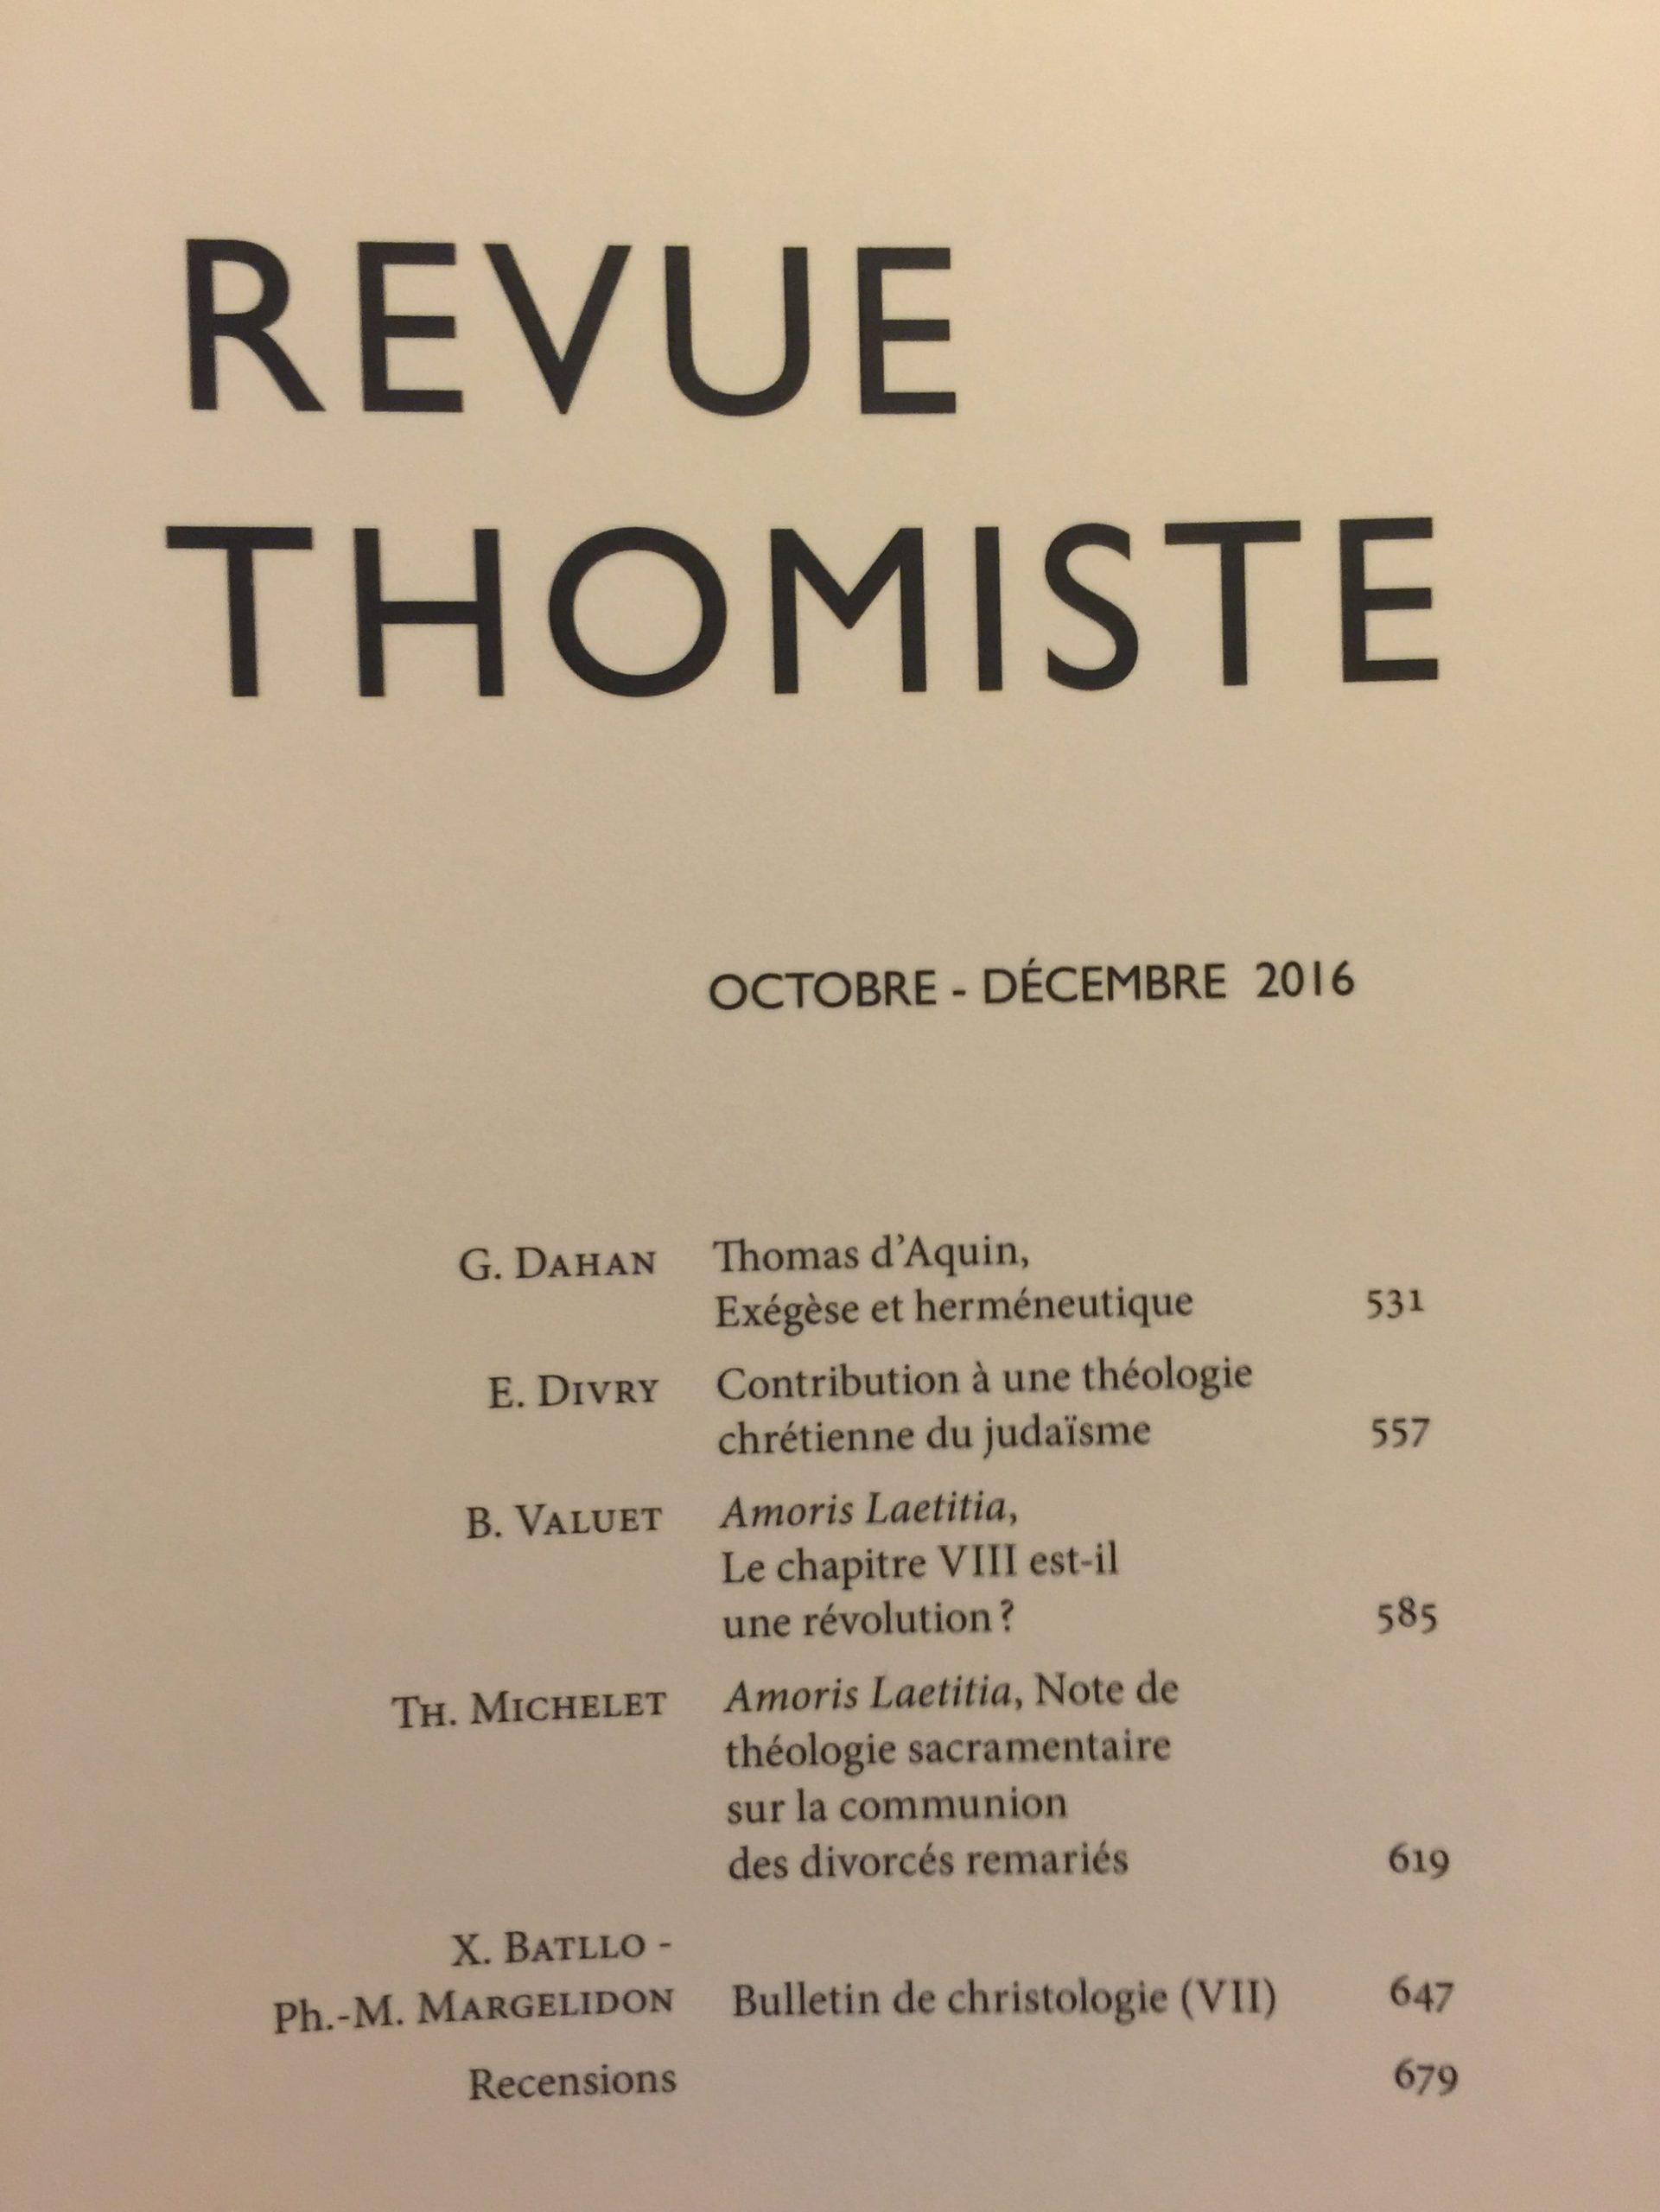 Parution dans la Revue thomiste de deux articles sur Amoris Laetitia